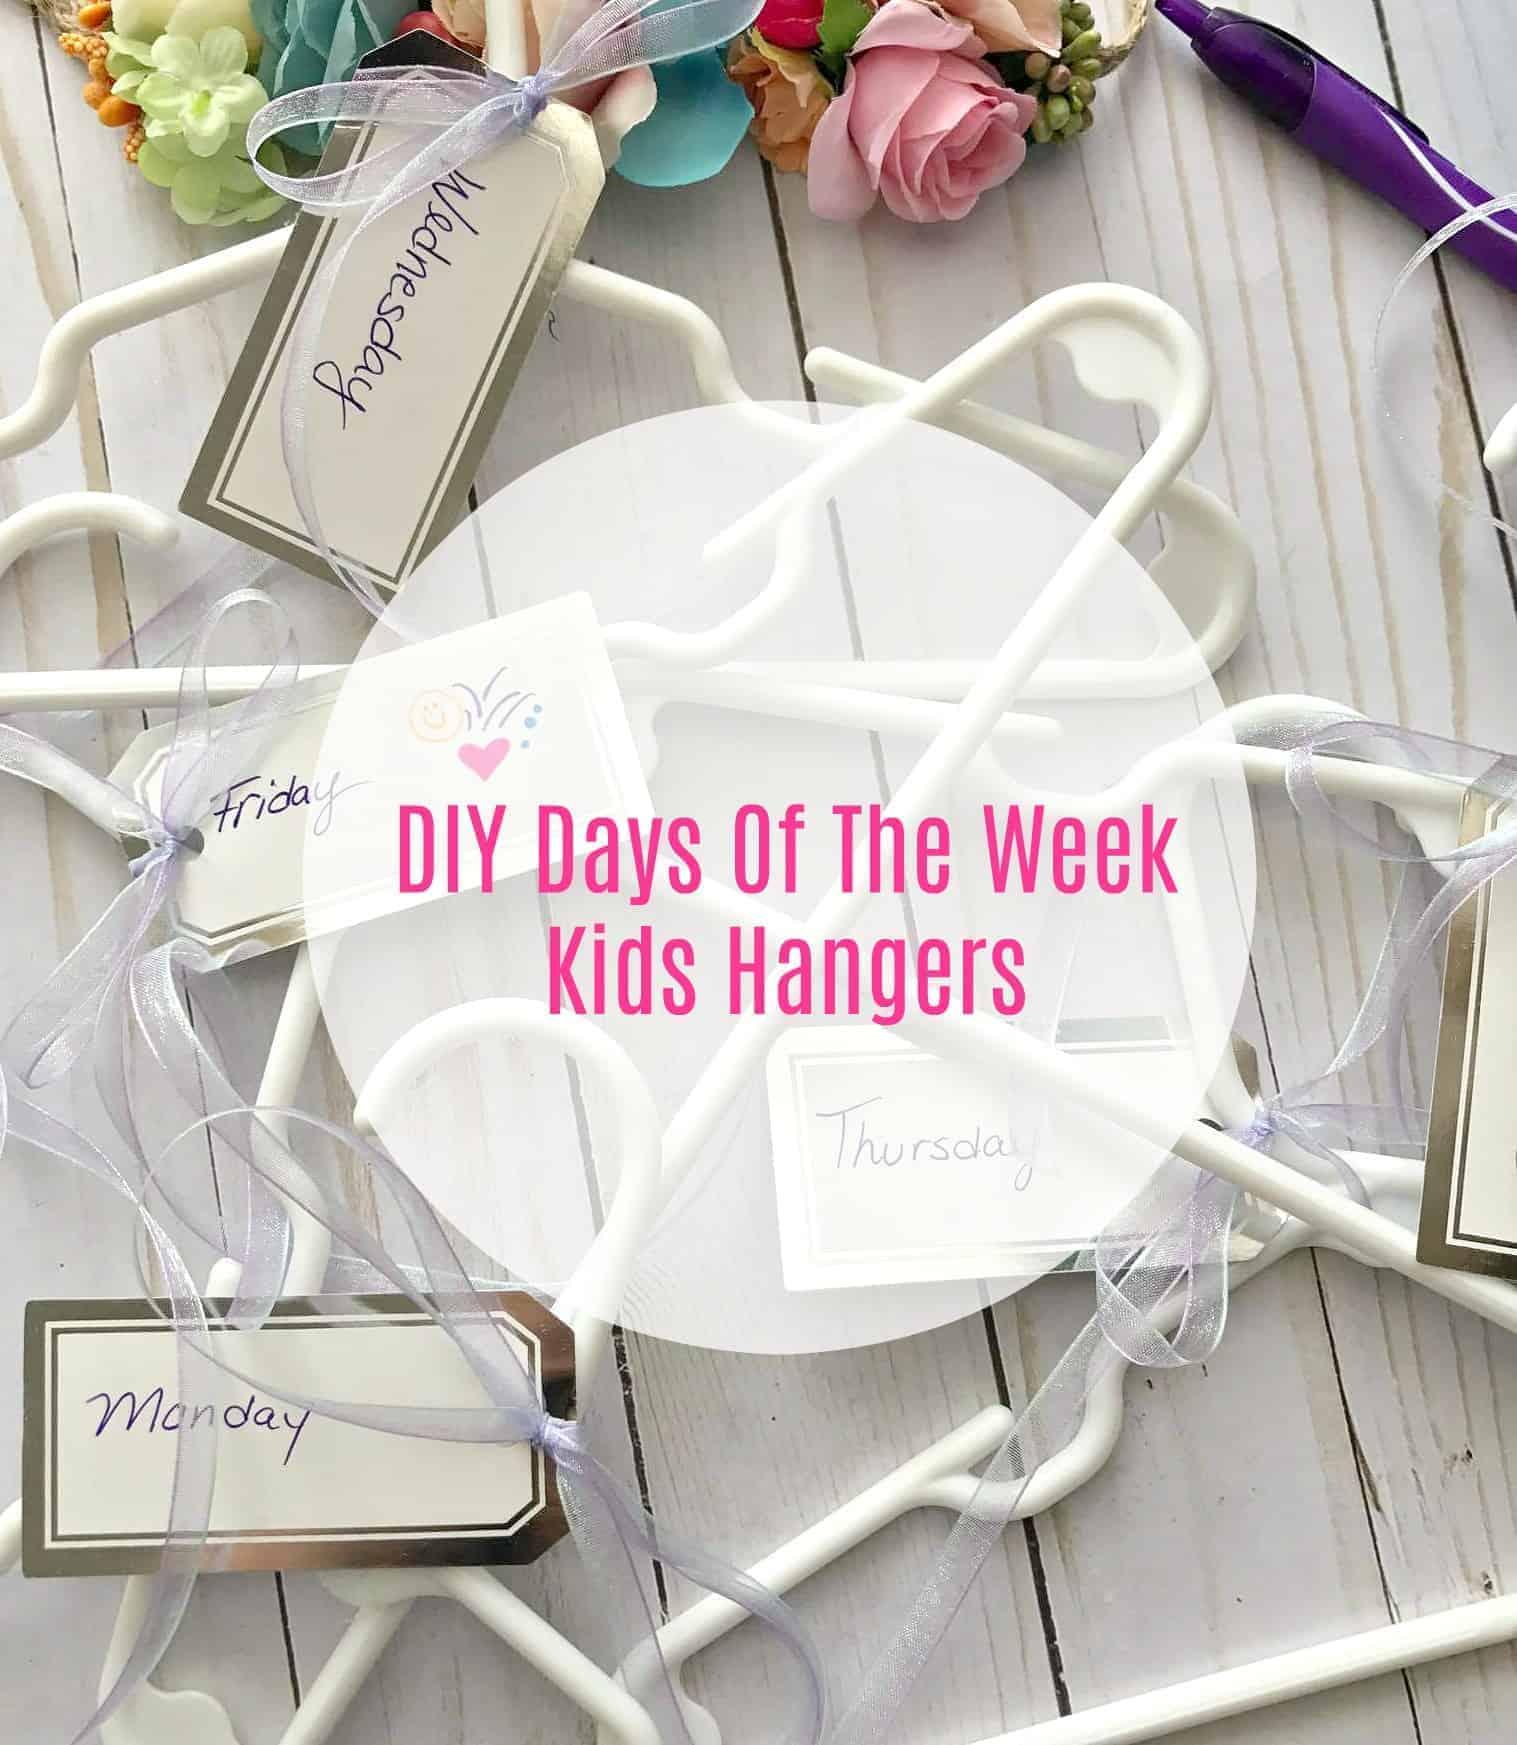 DIY Days Of The Week Kids Hangers